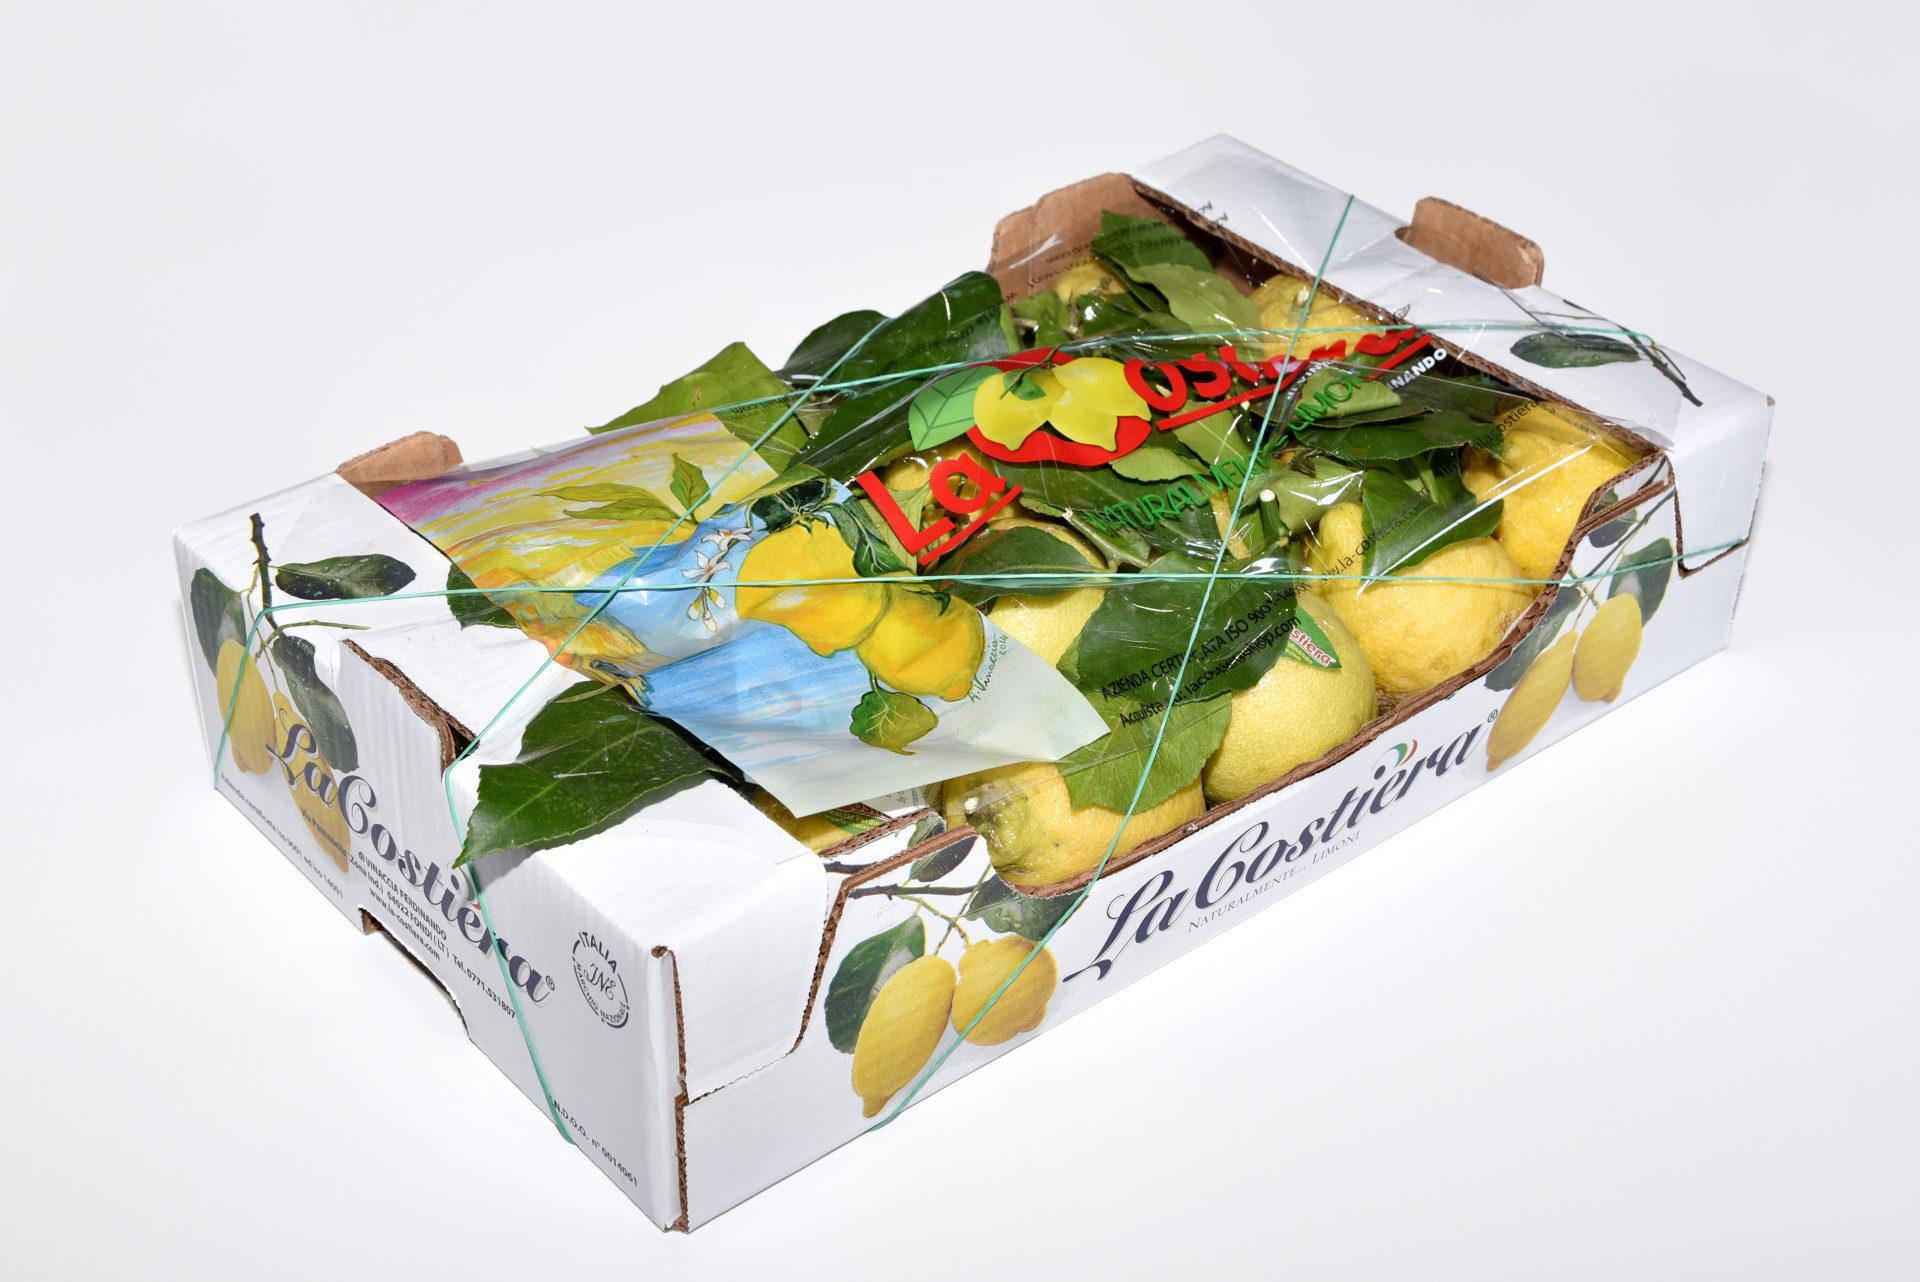 Limone primo fiore foglia calibro 3 categoria 1° 5,5Kg